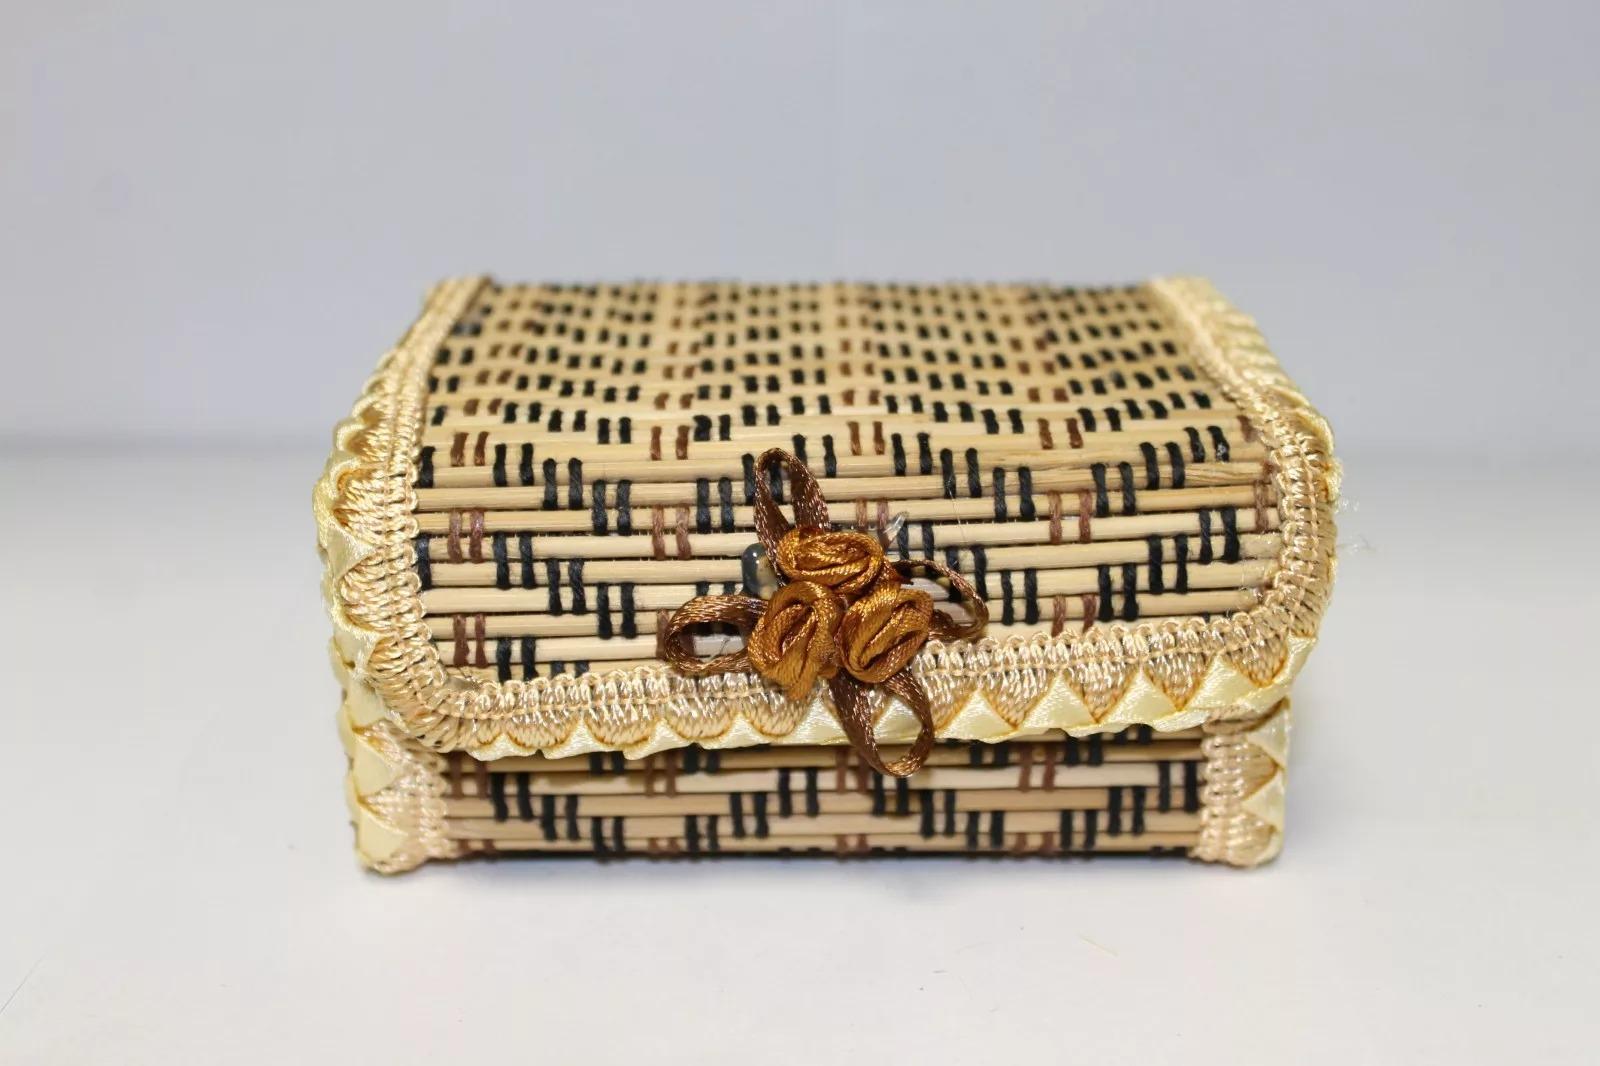 шкатулка своими руками из бамбука фото